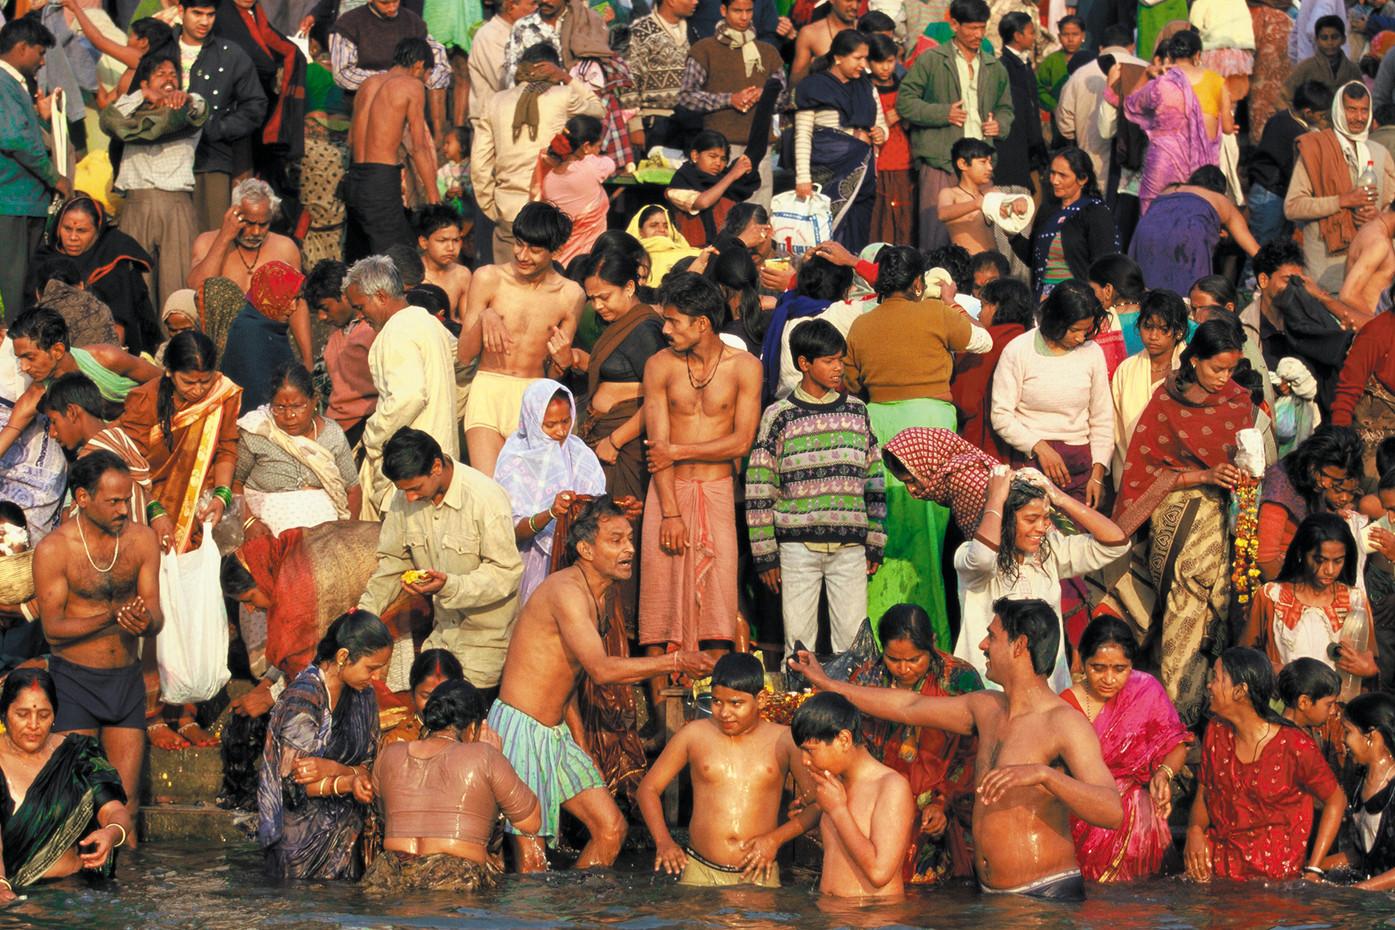 Hindu devotees on the Ganges River in Varanasi, India